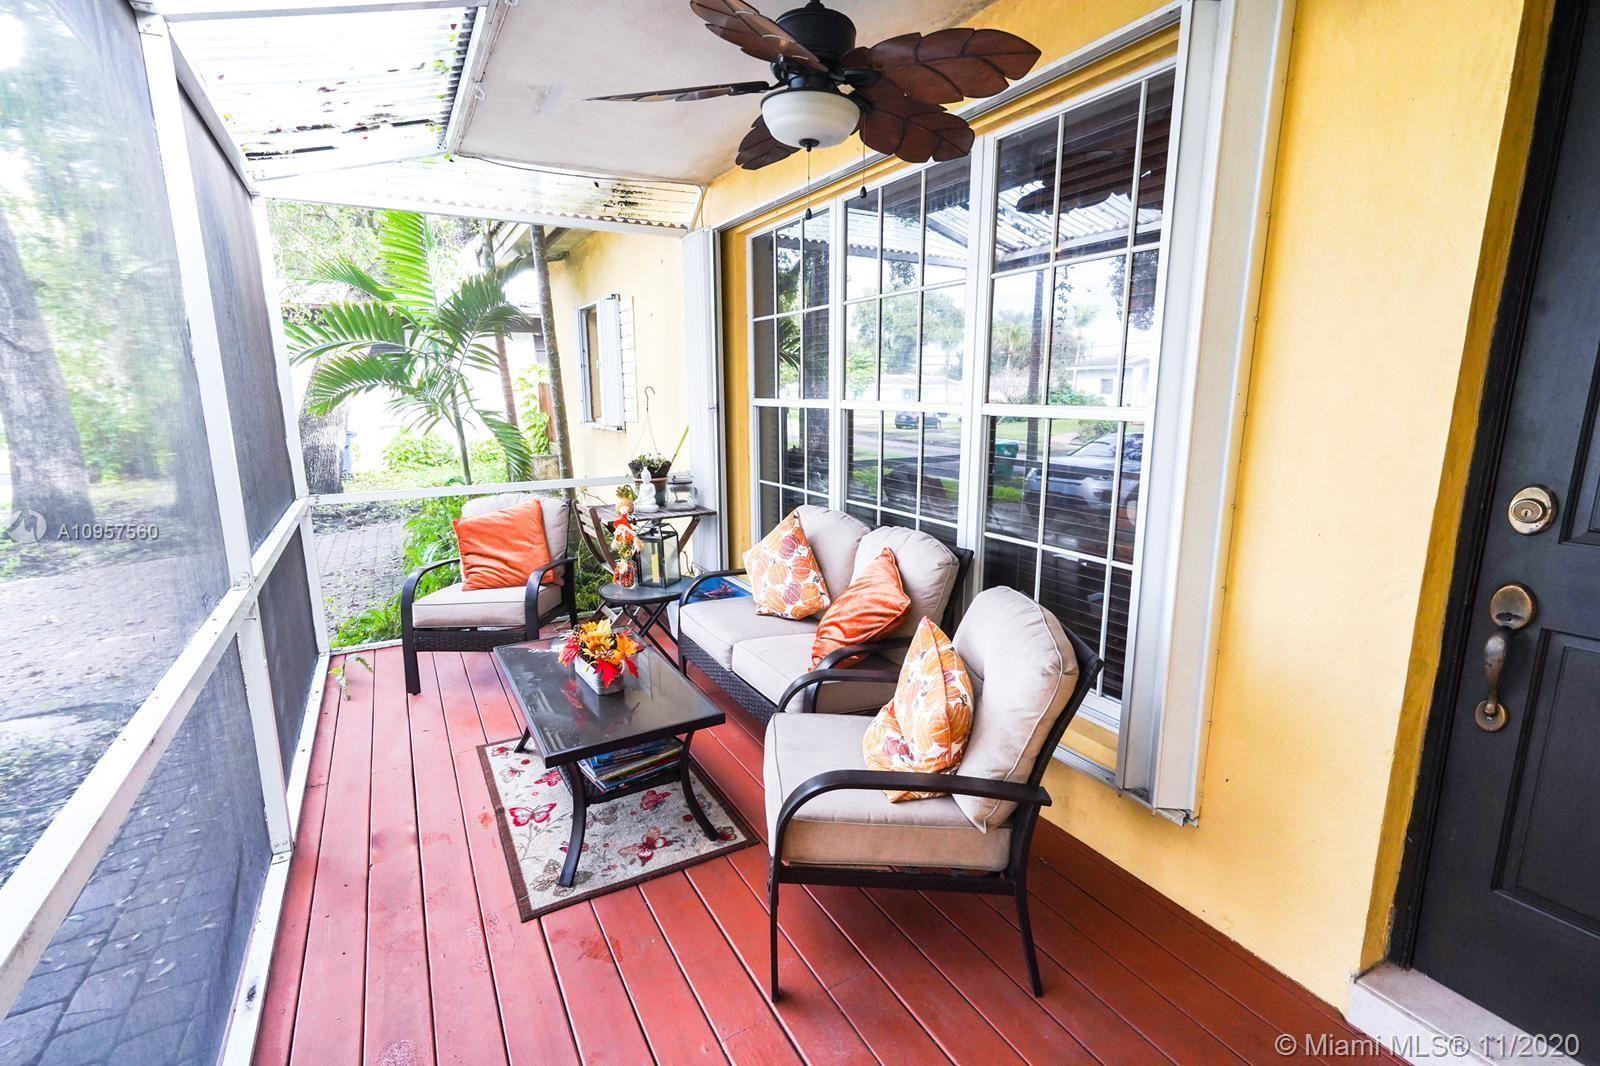 17425 NE 12th Ct, Miami, FL 33162 - #: A10957560